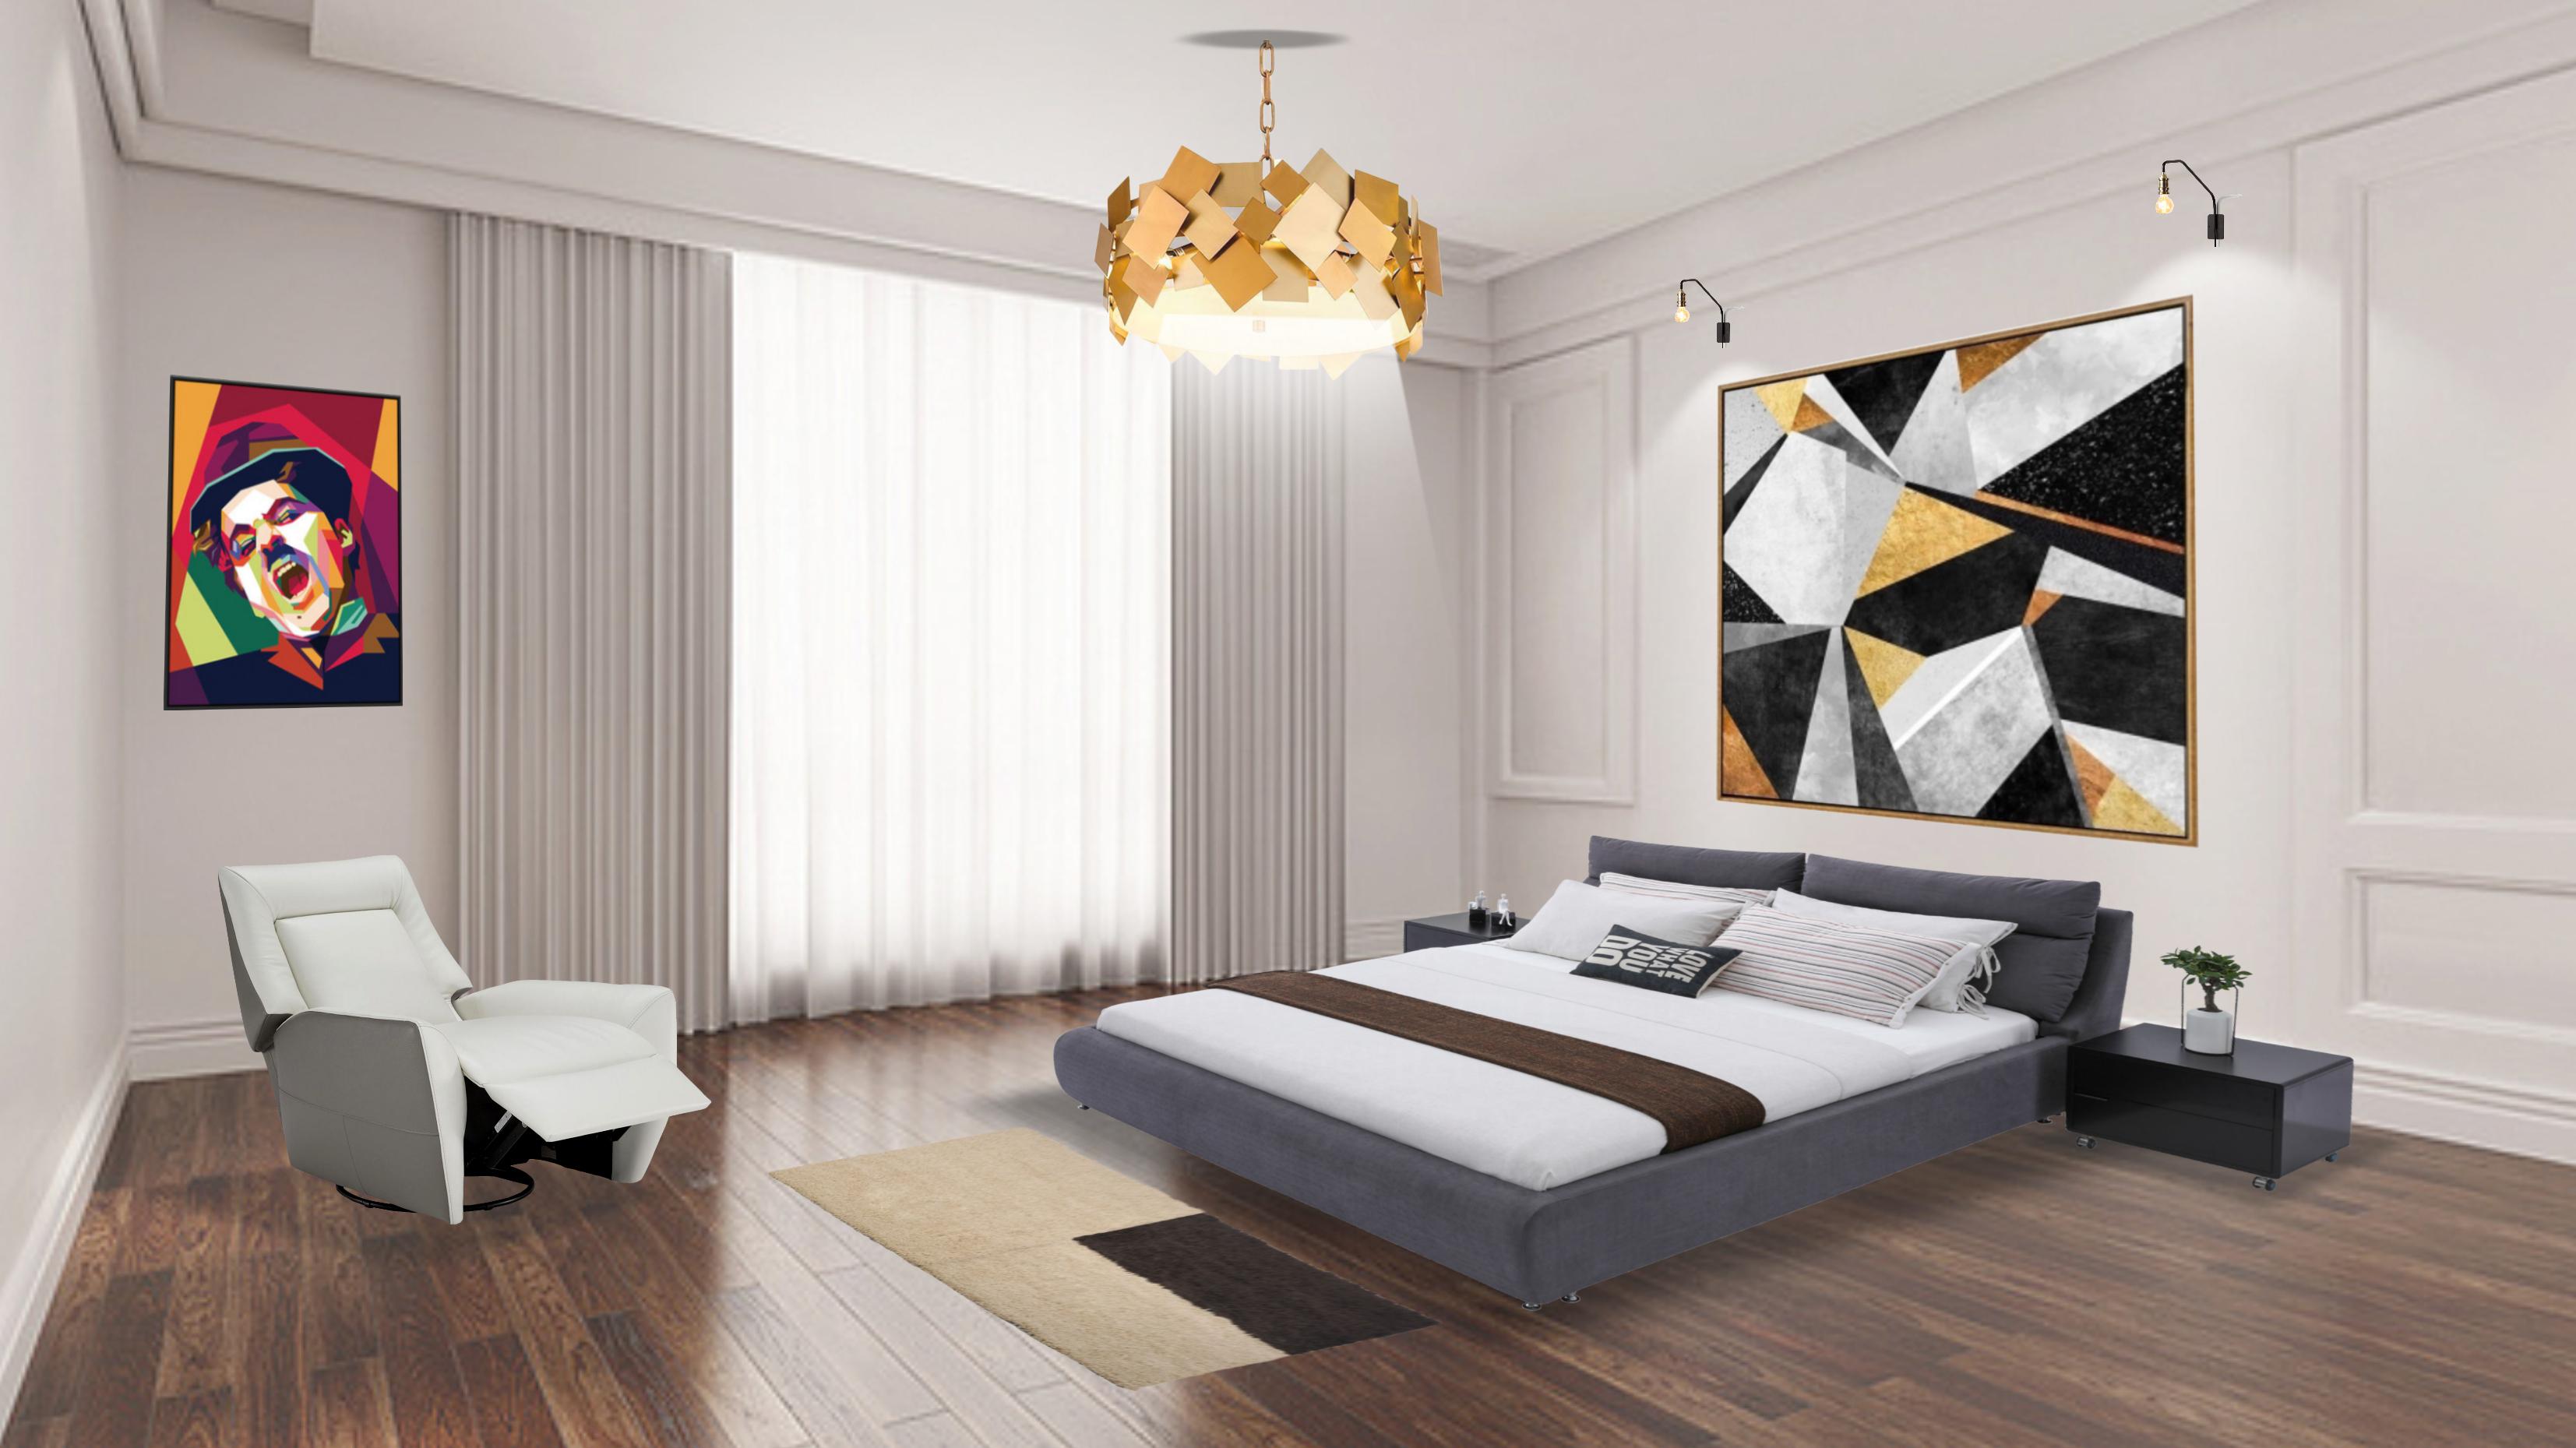 背景墙 房间 家居 起居室 设计 卧室 卧室装修 现代 装修 3307_1859